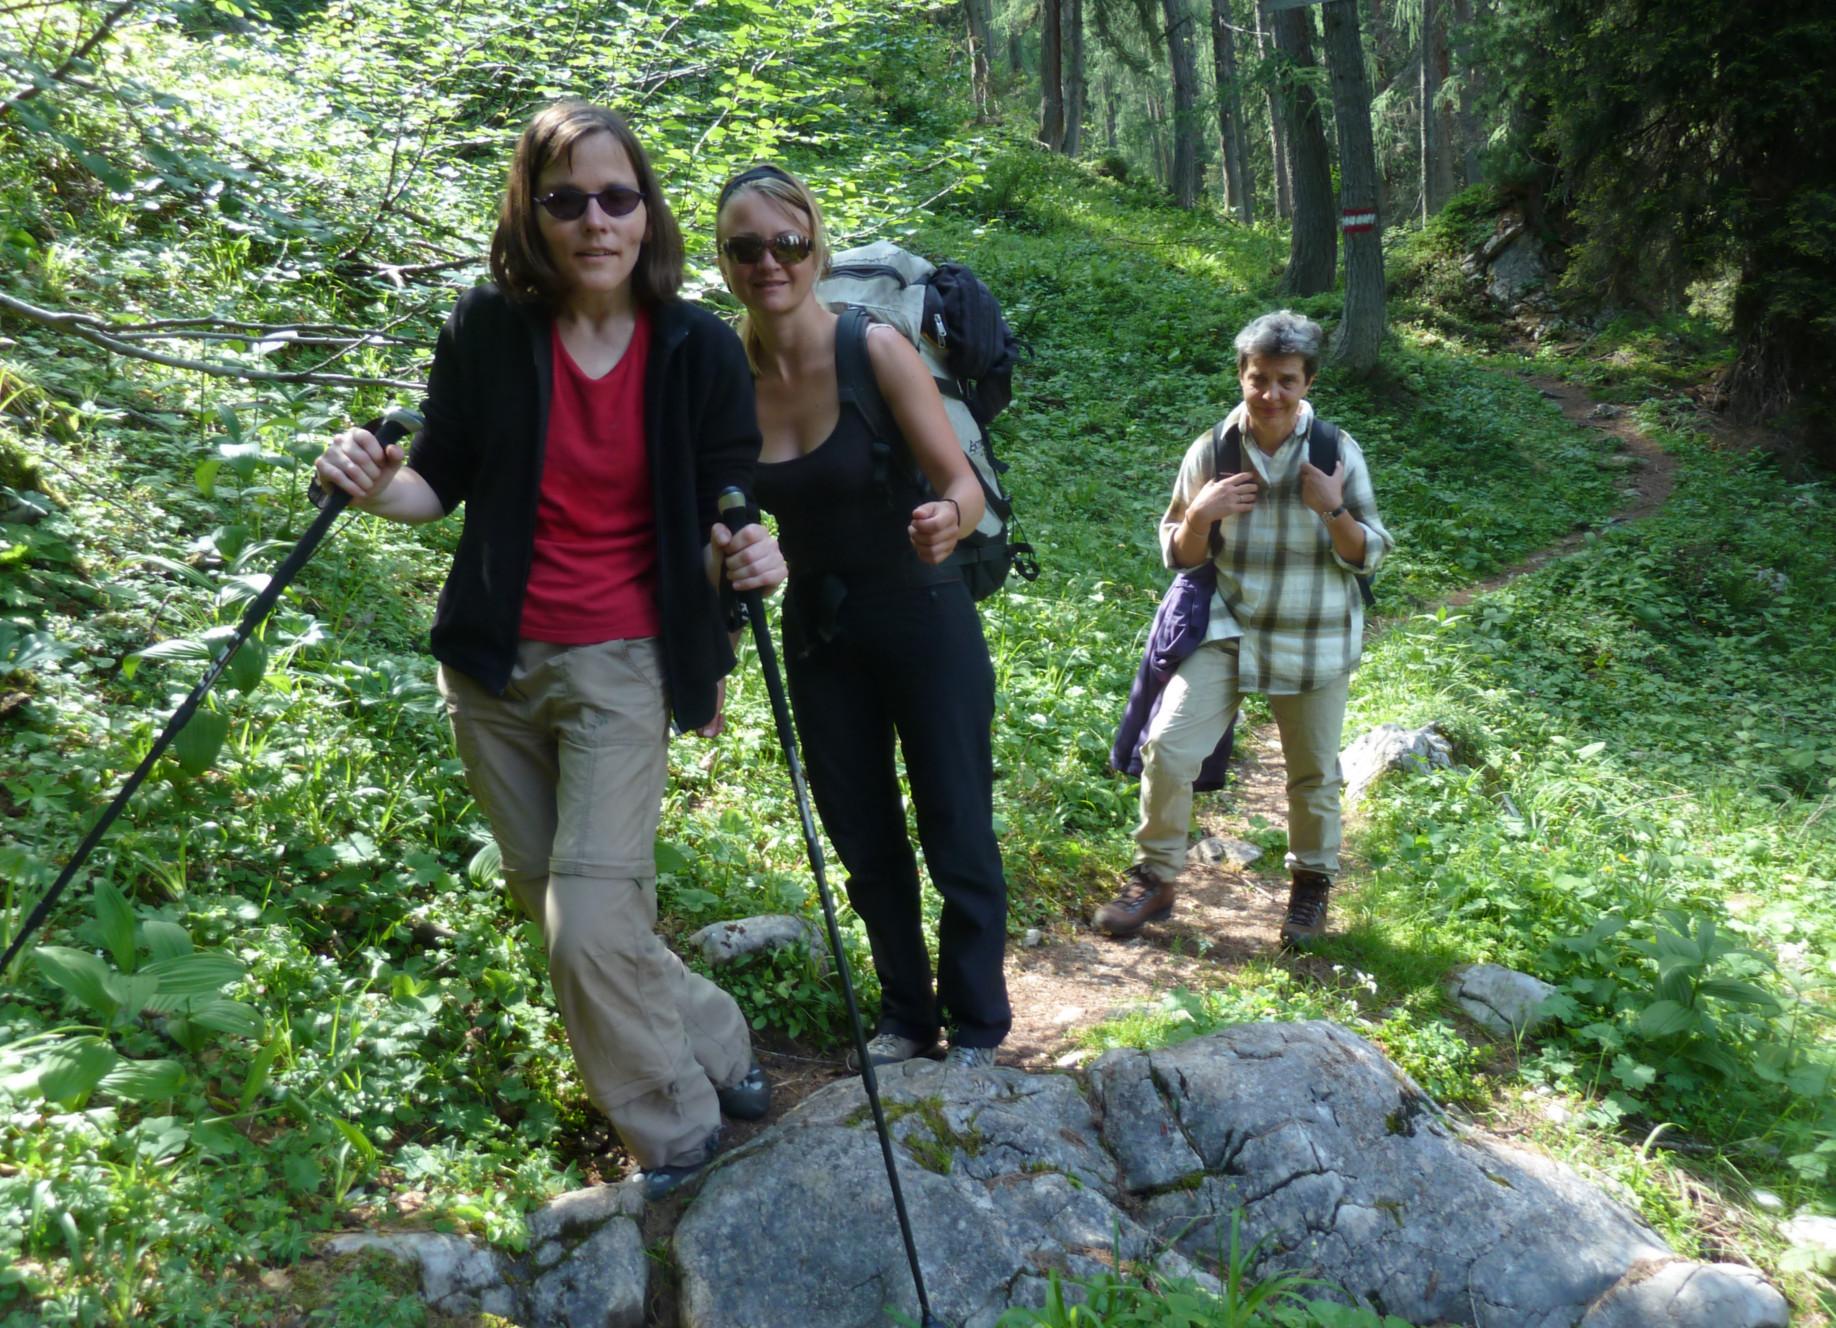 Wanderung mit Gehbehinderung